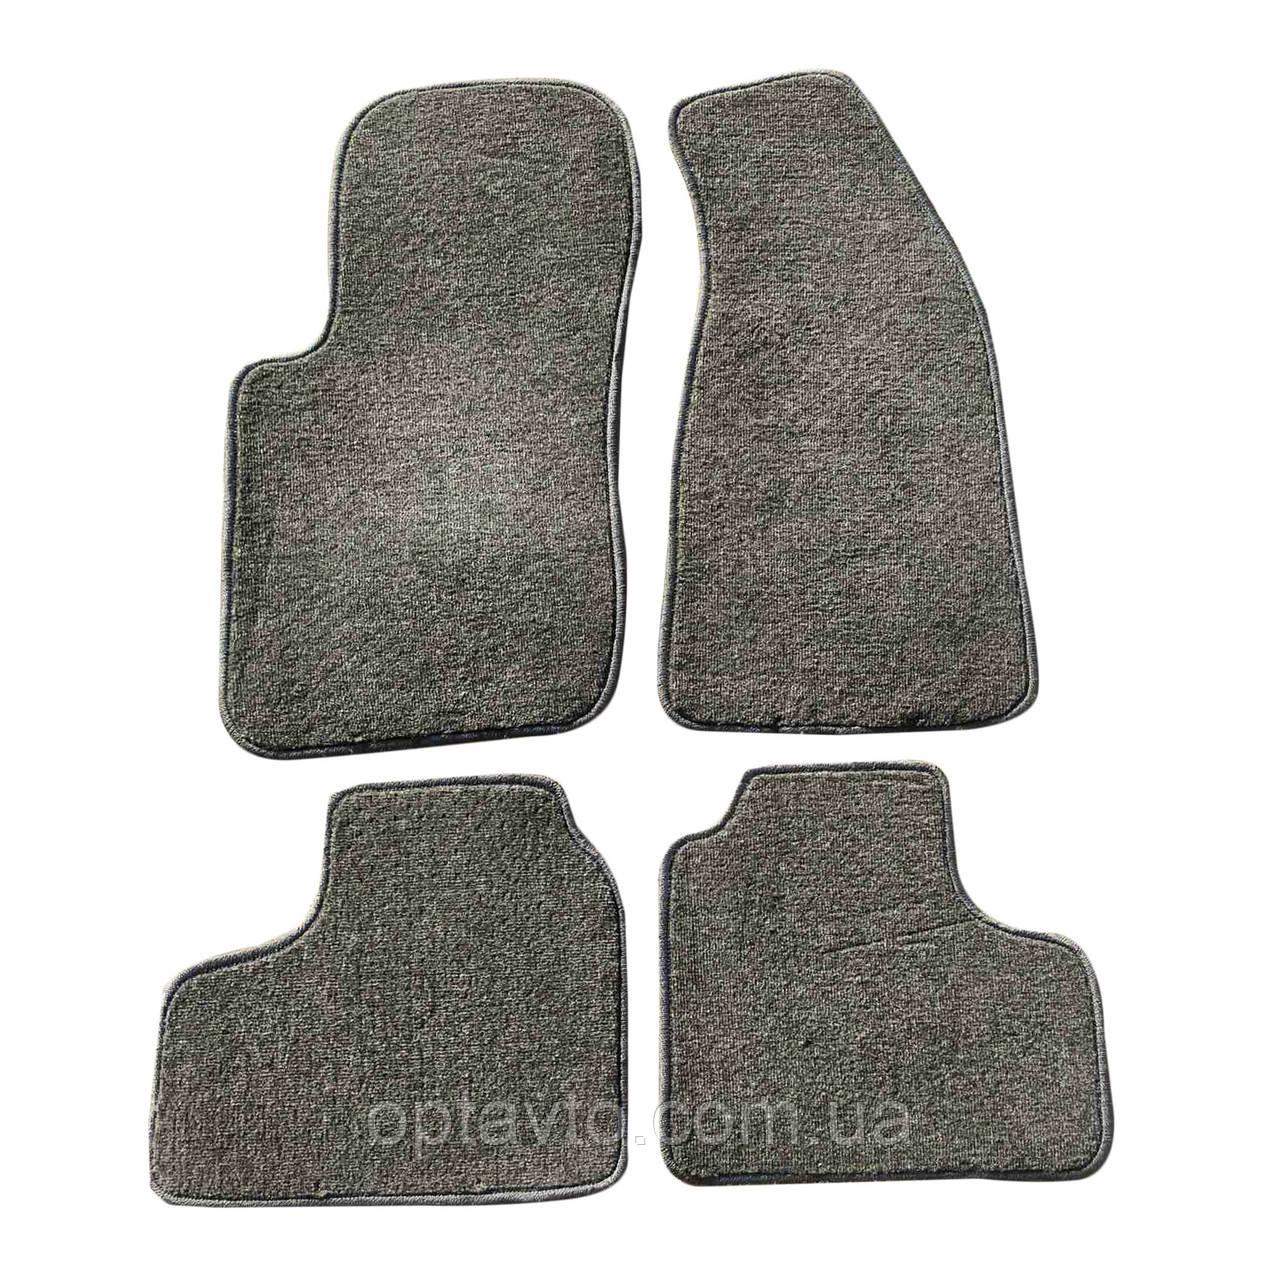 Коврики в салон NIVA Chevrolet (Нива Шевроле). Ворсовые коврики комплект. Цвет серый